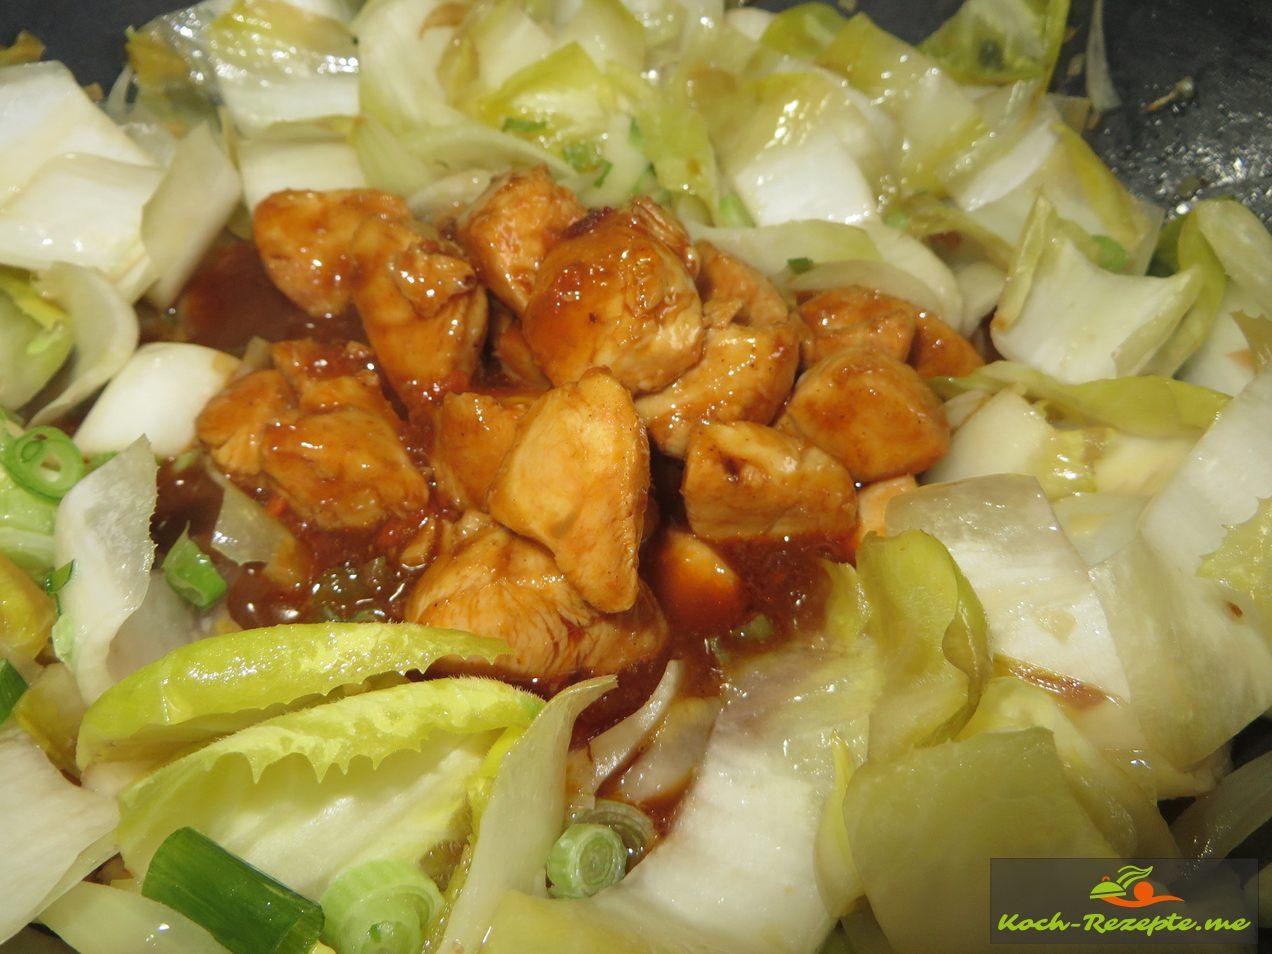 Hähnchen mit Sauce in die Mitte geben kurz aufkochen